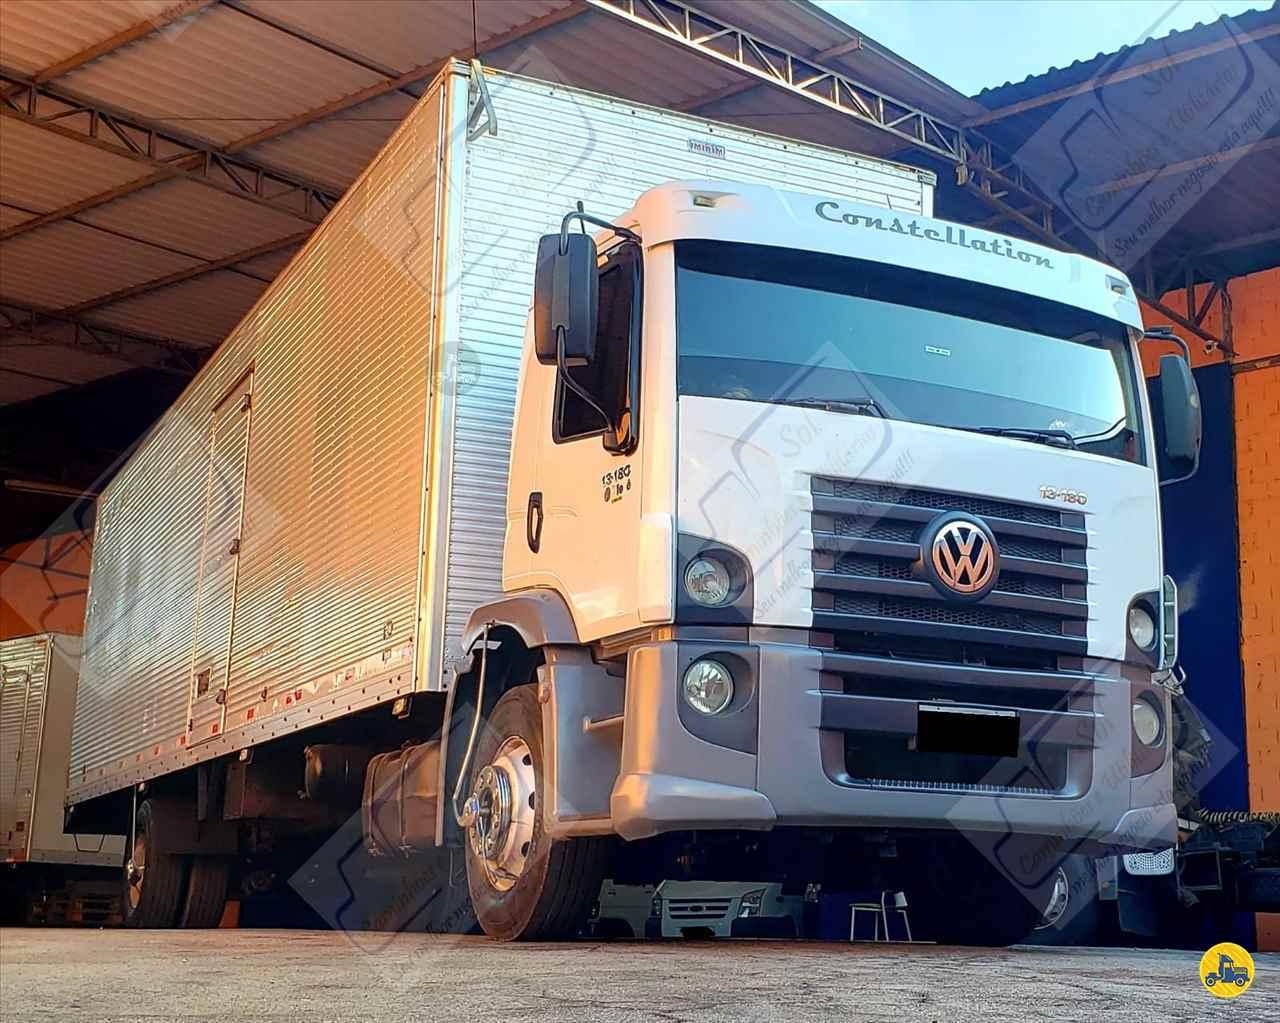 CAMINHAO VOLKSWAGEN VW 13180 Baú Furgão Toco 4x2 Sol Caminhões e Utilitários SAO PAULO SÃO PAULO SP